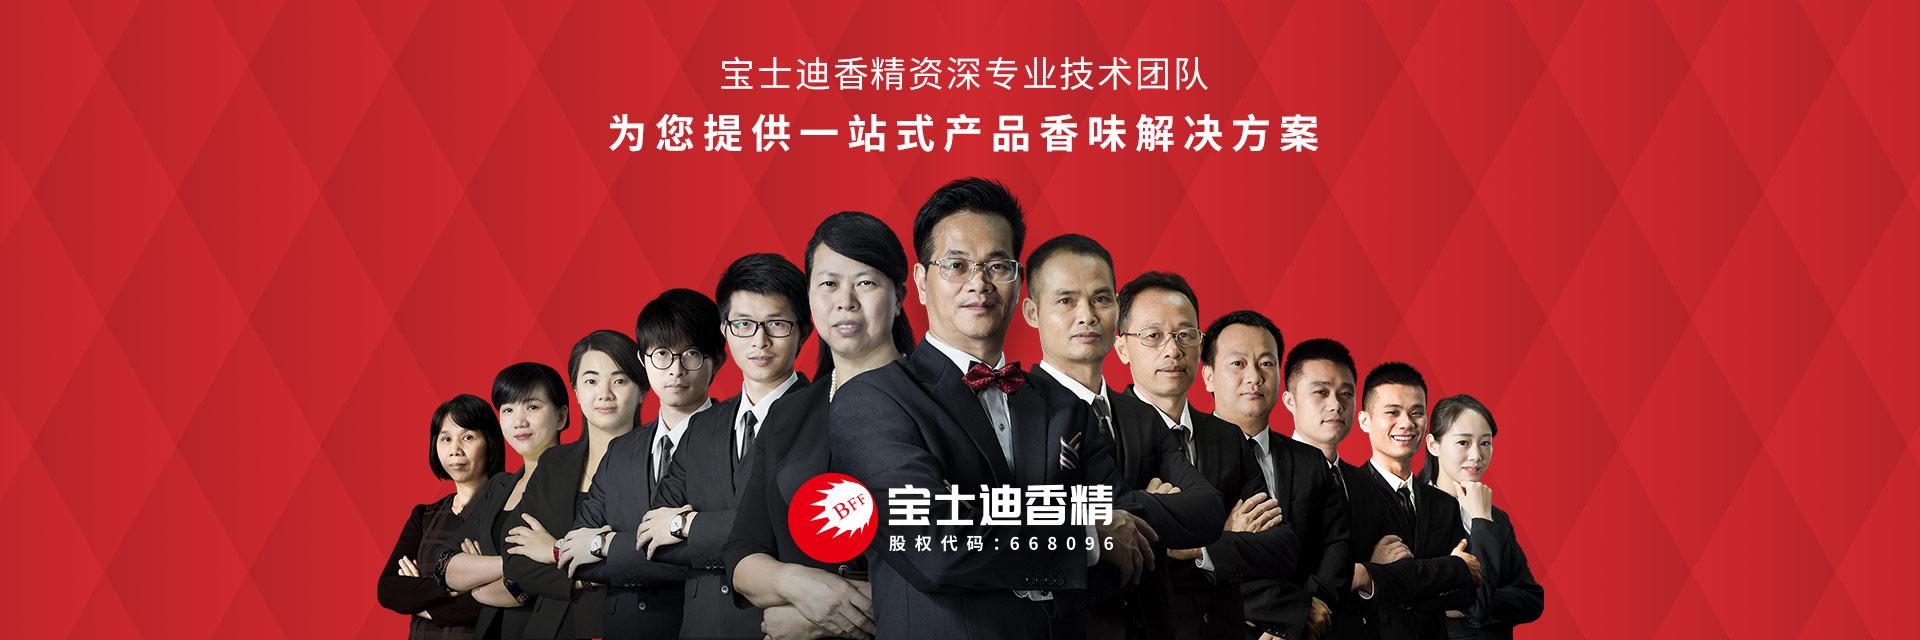 广州宝士迪yabo88香料有限公司-资深专业技术团队